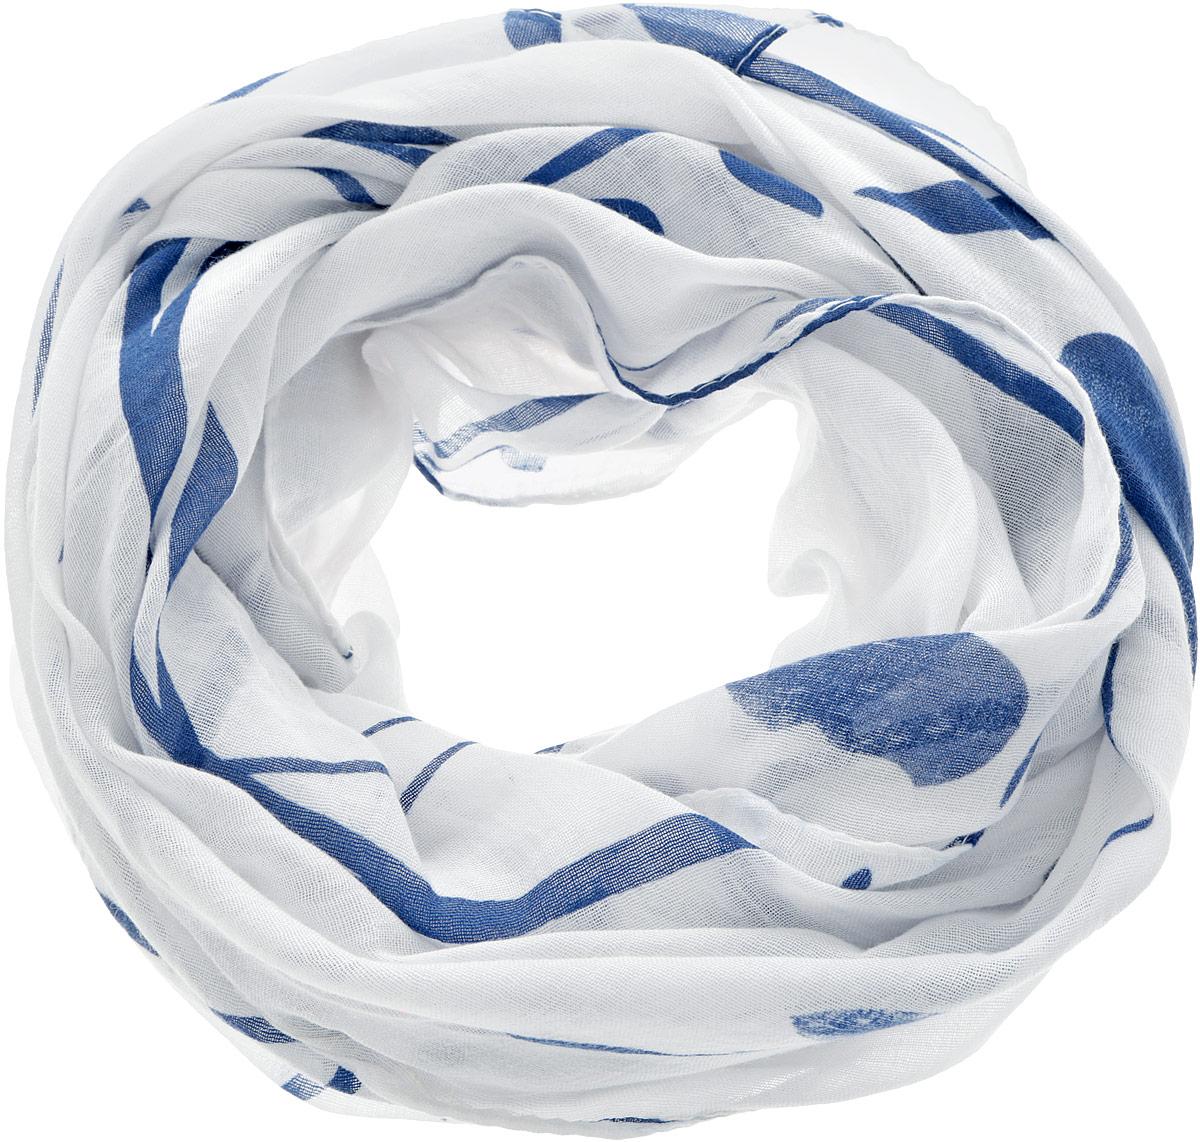 Палантин Moltini, цвет: белый, синий. 4A-1601. Размер 85 см х 180 см4A-1601Элегантный палантин Moltini станет достойным завершением вашего образа.Палантин изготовлен из 100% вискозы. Модель оформлена оригинальным орнаментом. Палантин красиво драпируется, он превосходно дополнит любой наряд и подчеркнет ваш изысканный вкус.Легкий и изящный палантин привнесет в ваш образ утонченность и шарм.